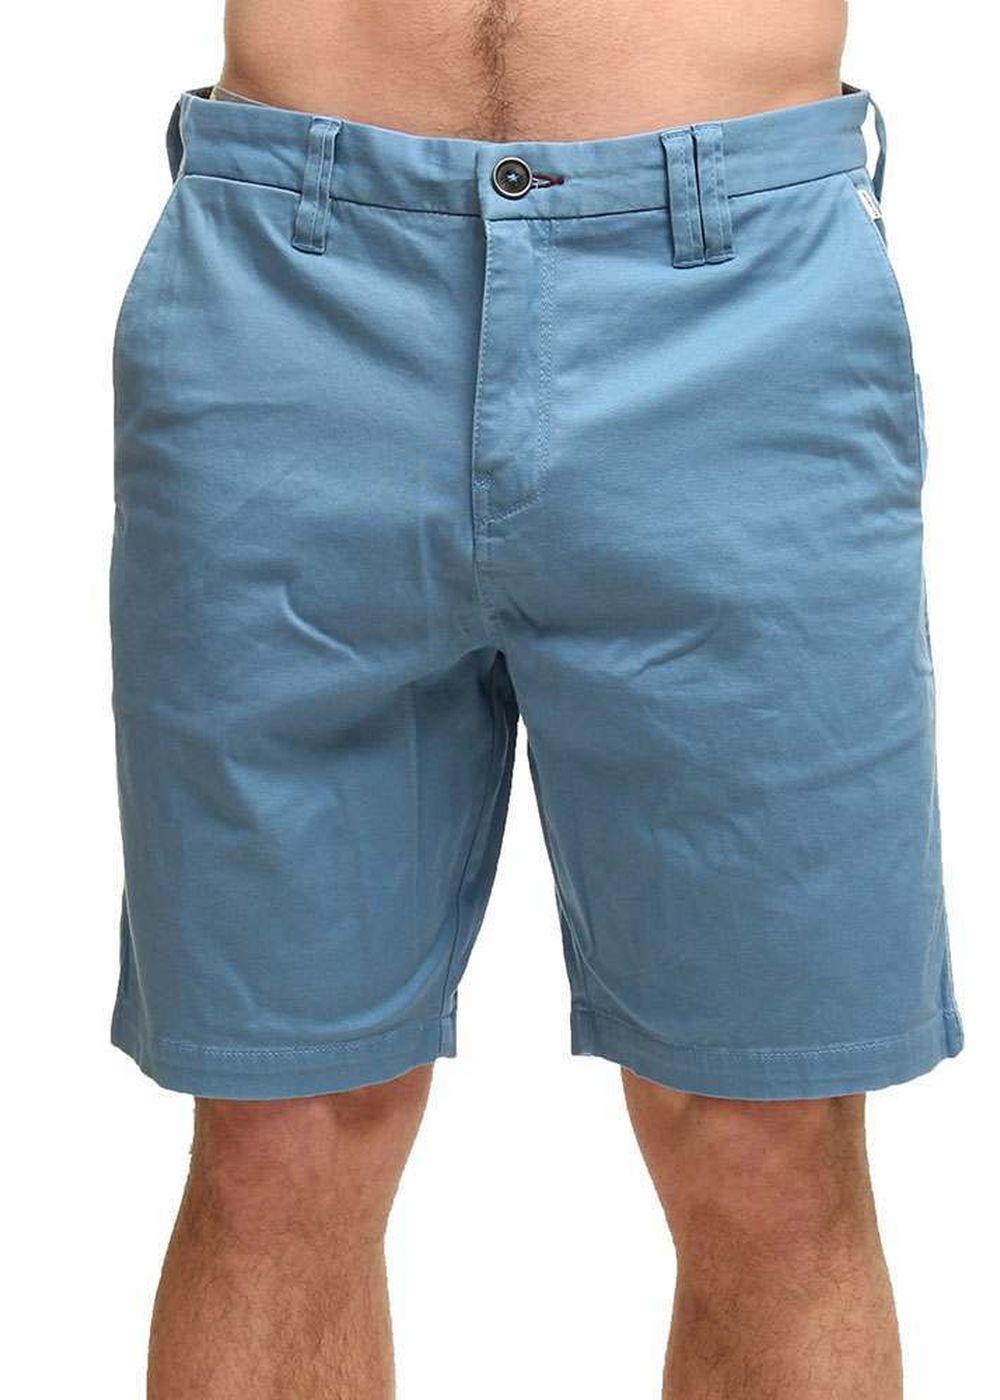 BILLABONG NEW ORDER SHORTS Washed Blue